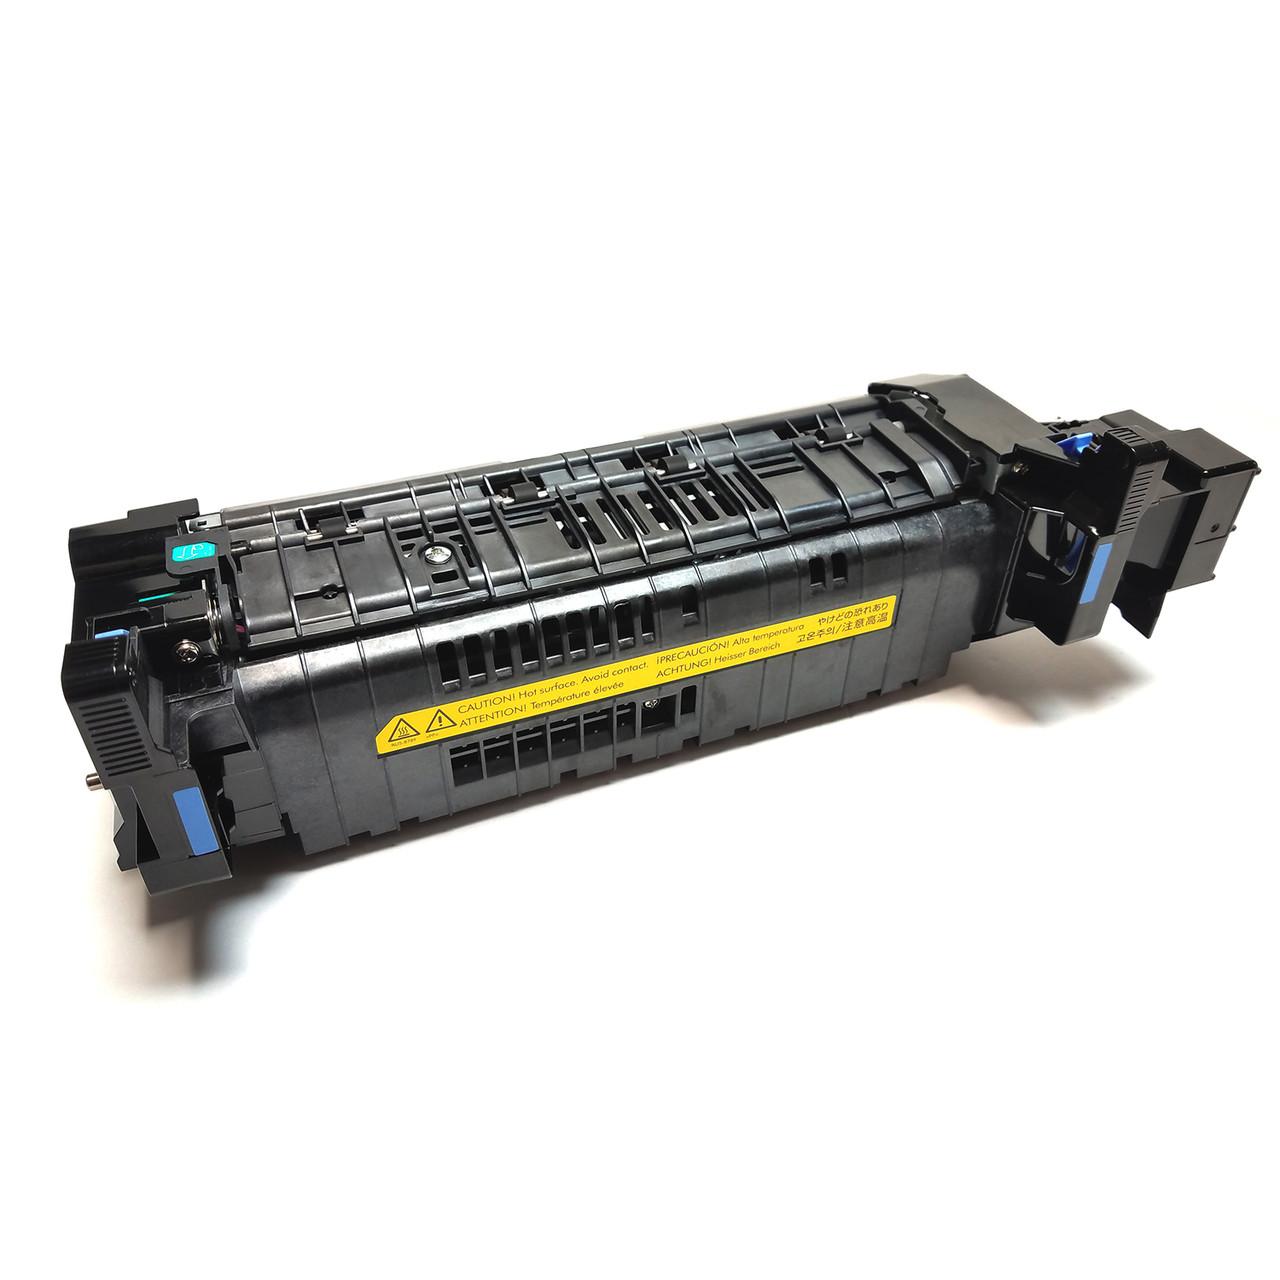 HP OEM LaserJet M607 / M608 / M609 /M610 / M611 / M612 Fuser Unit (RM2-1256)